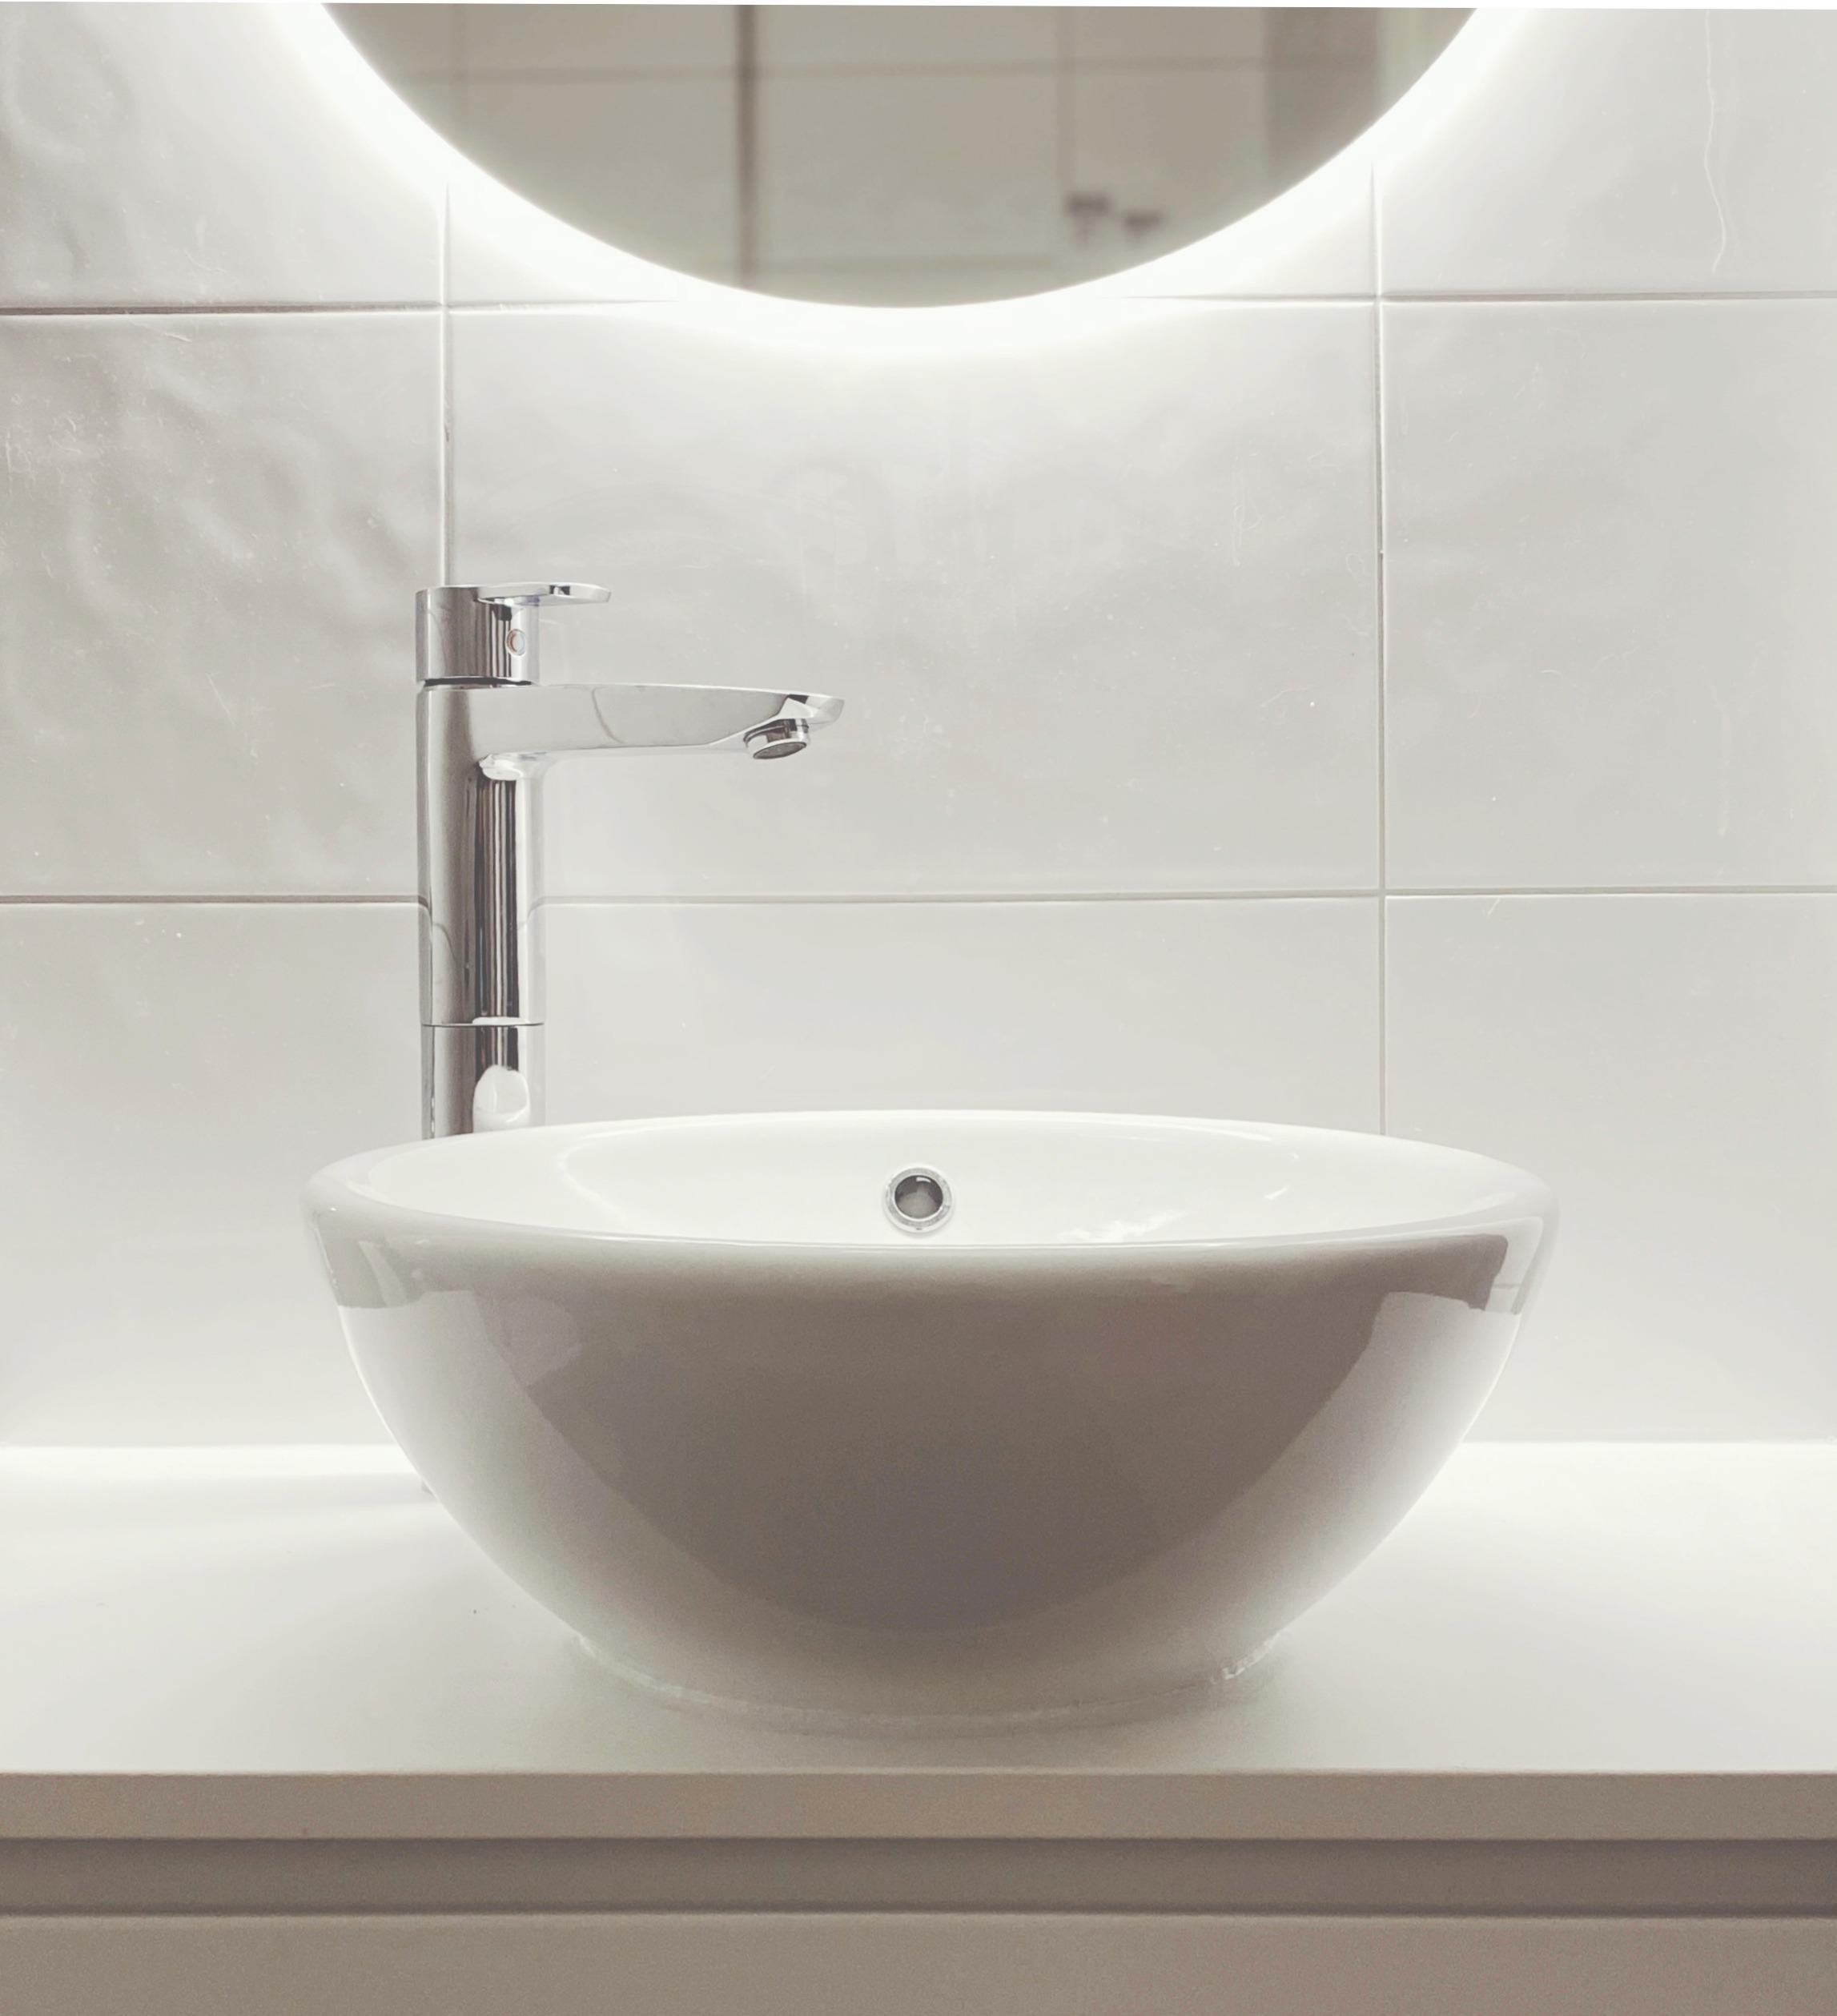 Kylpyhuoneen kasvojenkohotus uudella allastasolla, pesualtaalla ja valopeilillä.